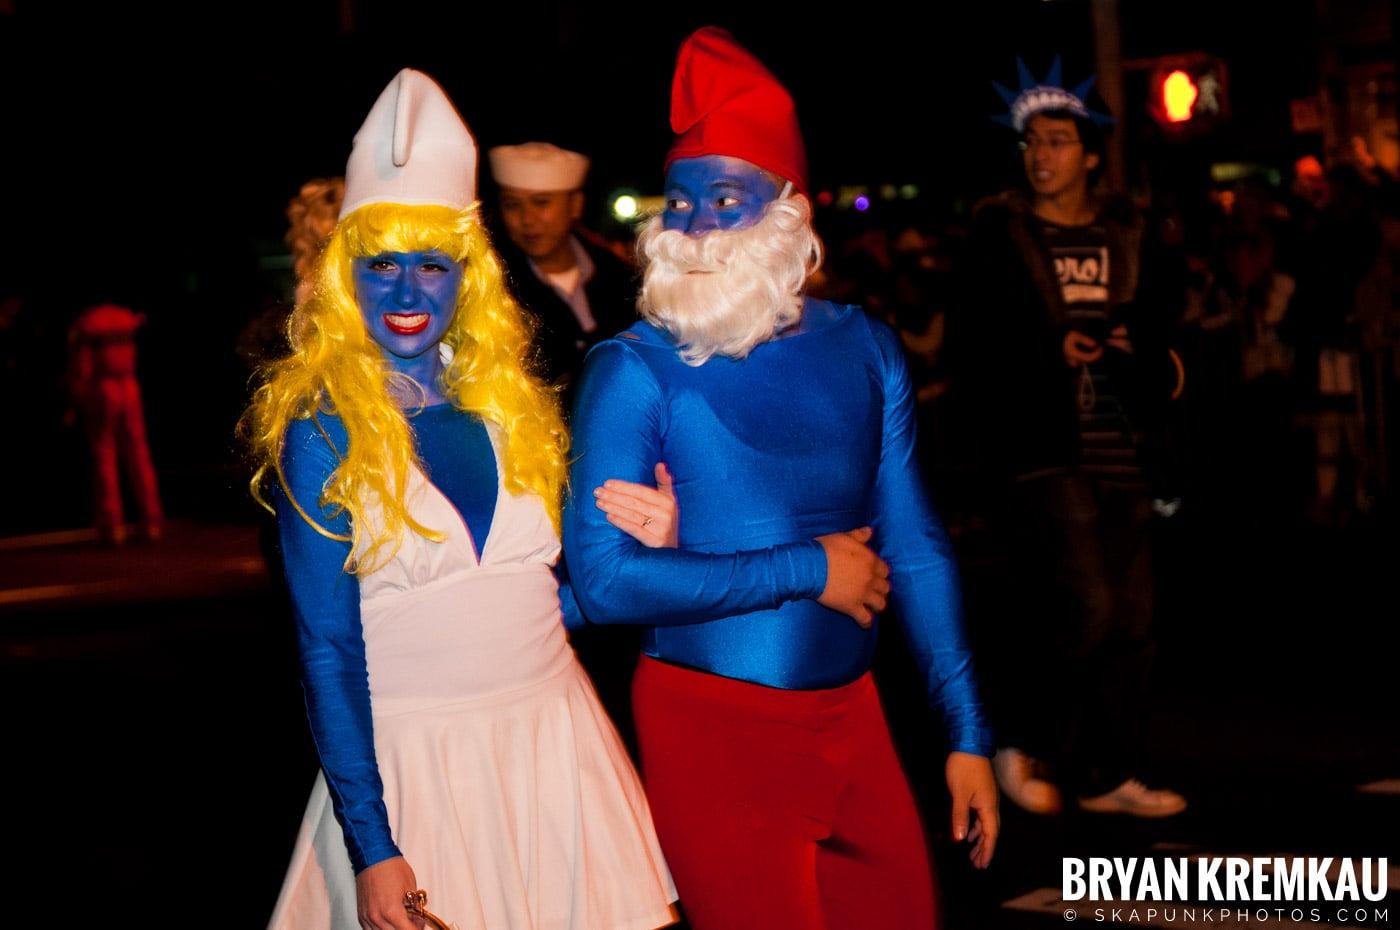 NYC Halloween Parade 2011 @ New York, NY - 10.31.11 (30)